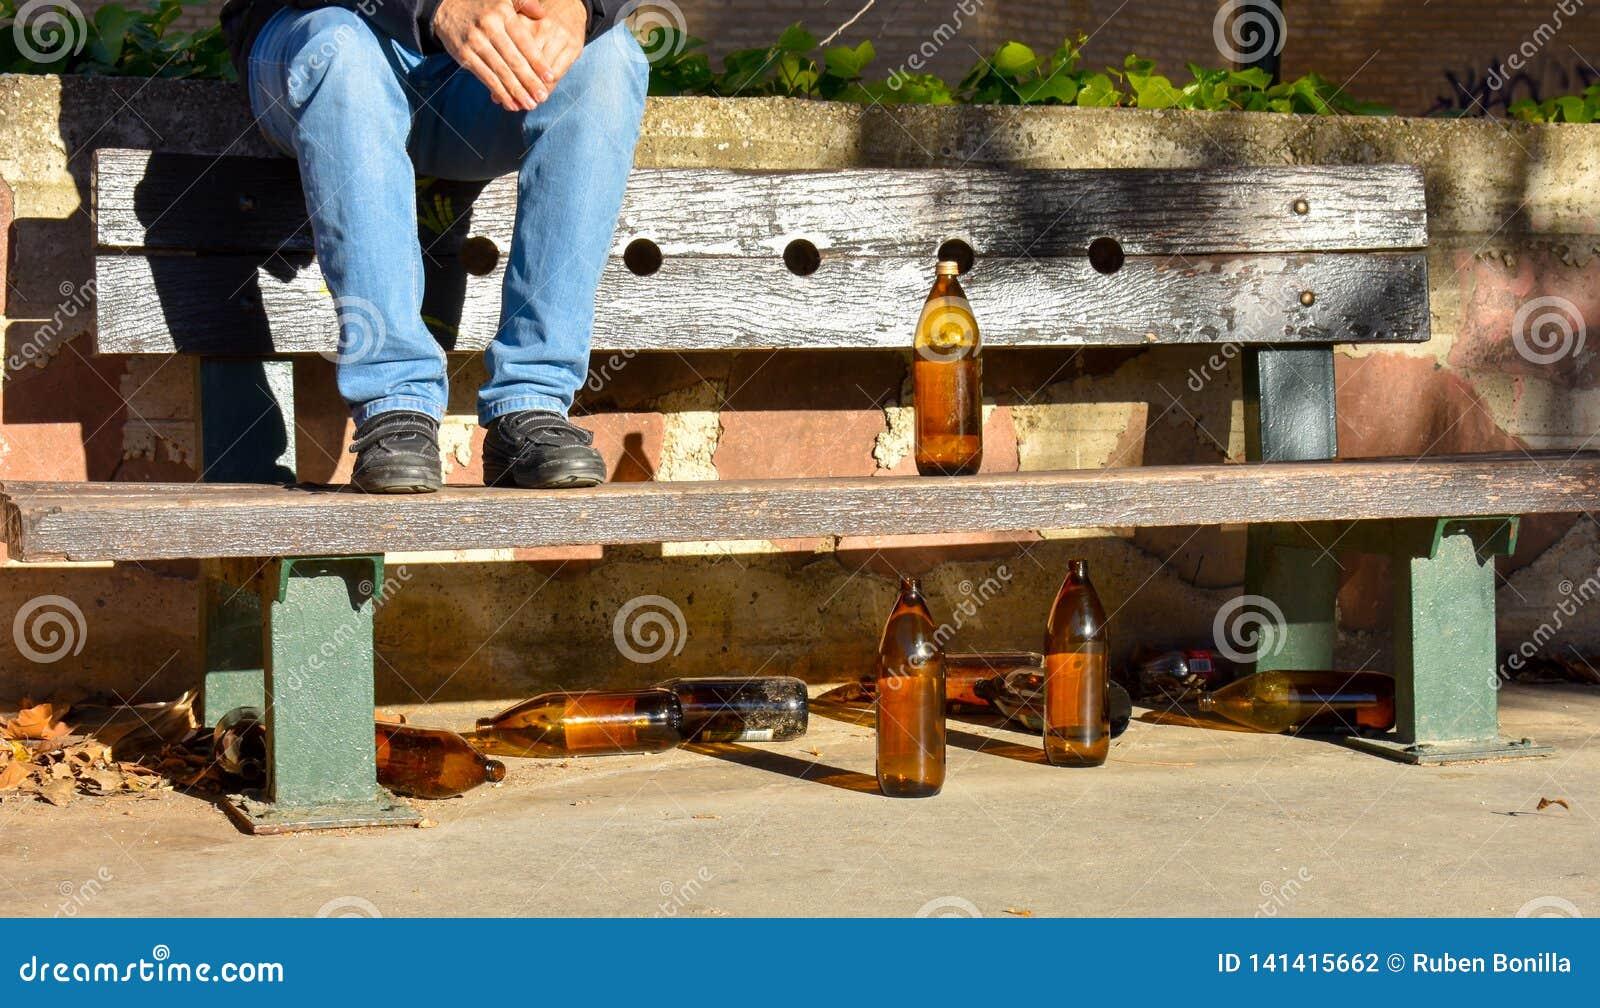 Mannen satt på en bänk med många stora orange flaskor av öl som gjordes av exponeringsglas som fullständigt var tomt på, parkerar